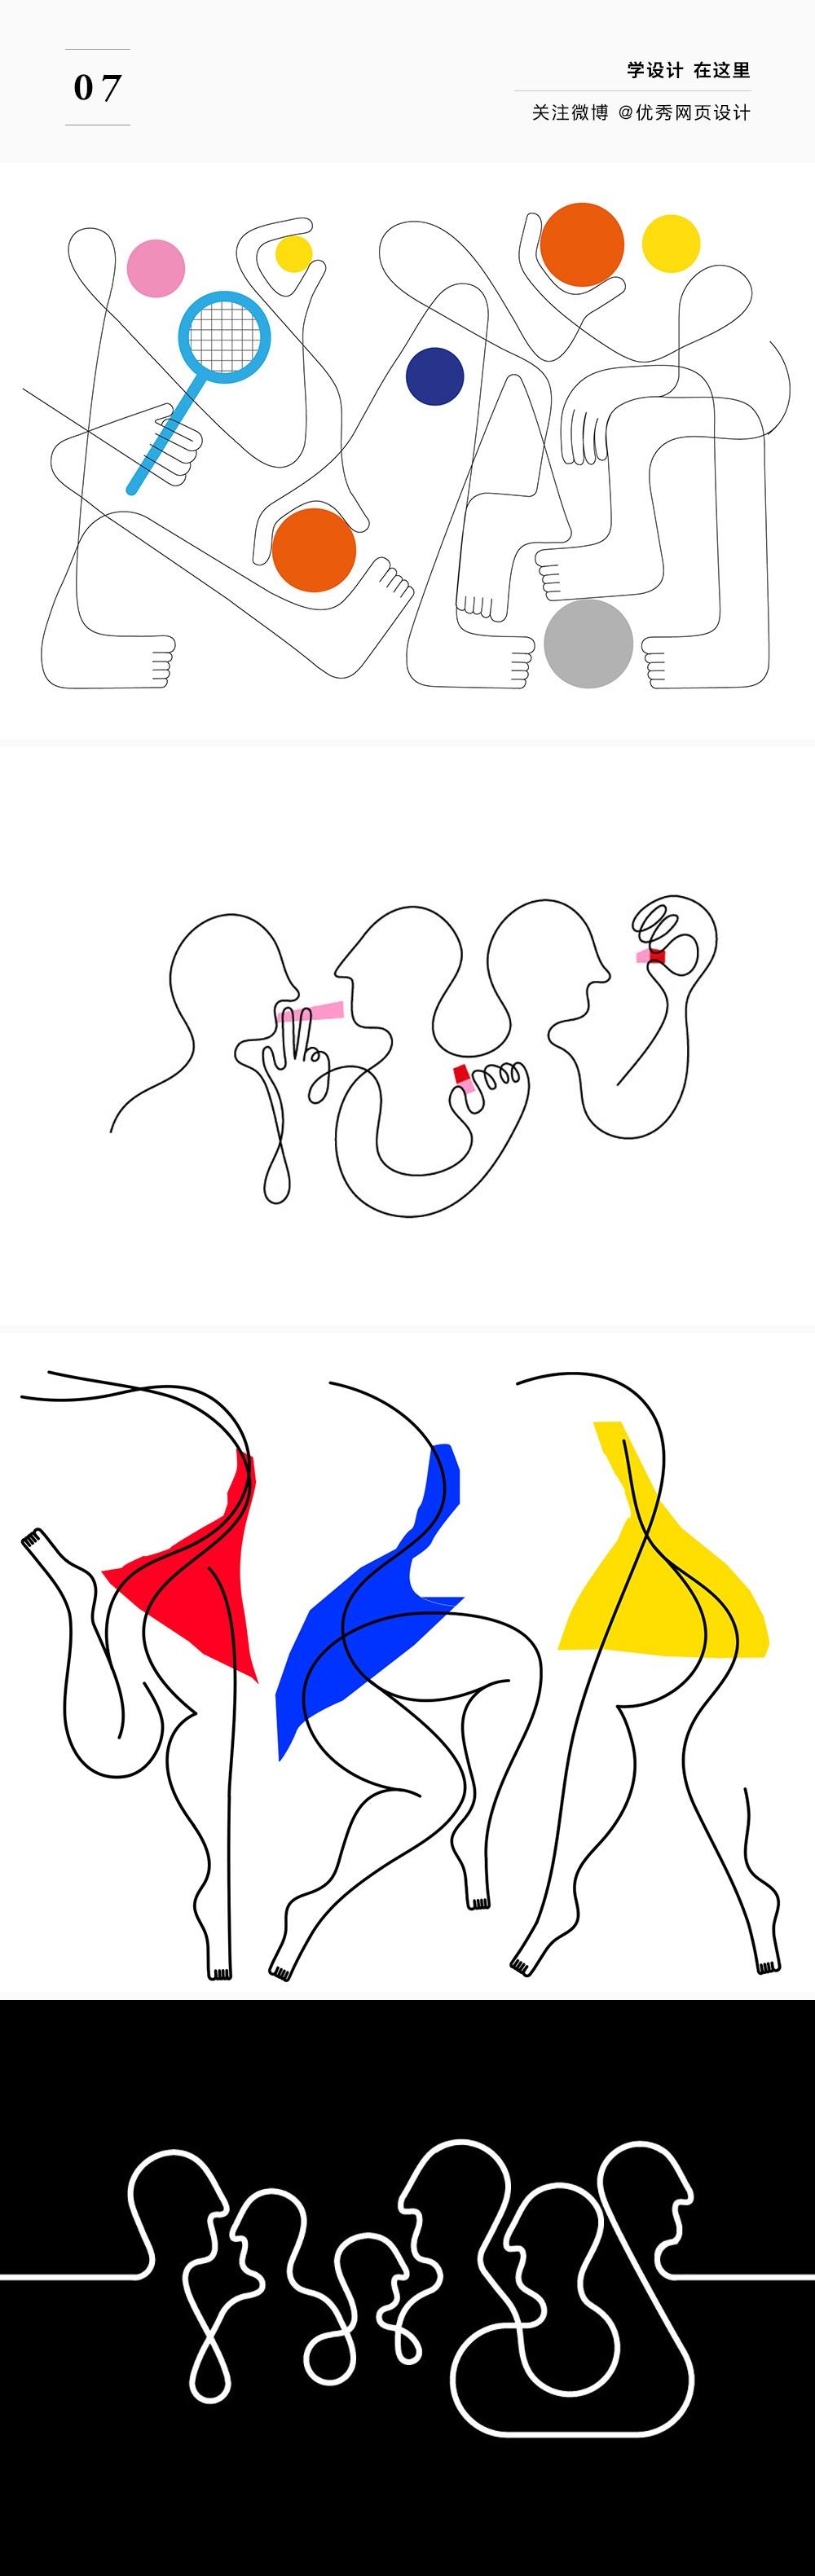 画几条线也能成为艺术?